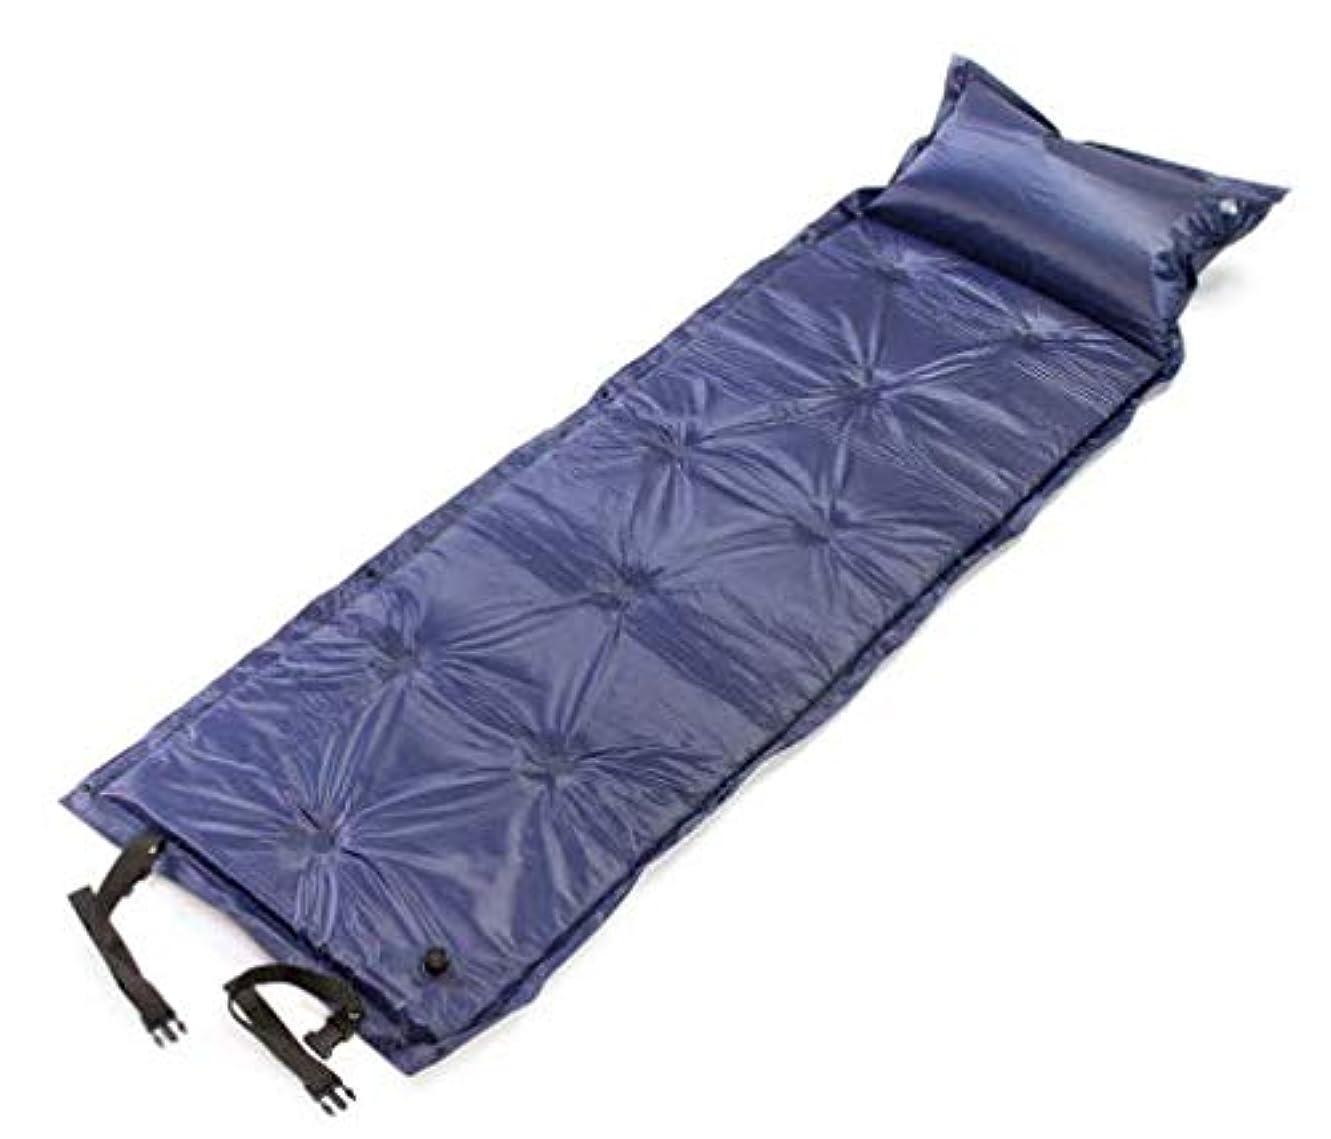 怒る定期的に表現Chaopen 自動インフレータブルクッションキャンプ屋外水分パッドポータブル肥厚睡眠パッド折りたたみパッドはダブルインフレータブルベッドをステッチすることができます